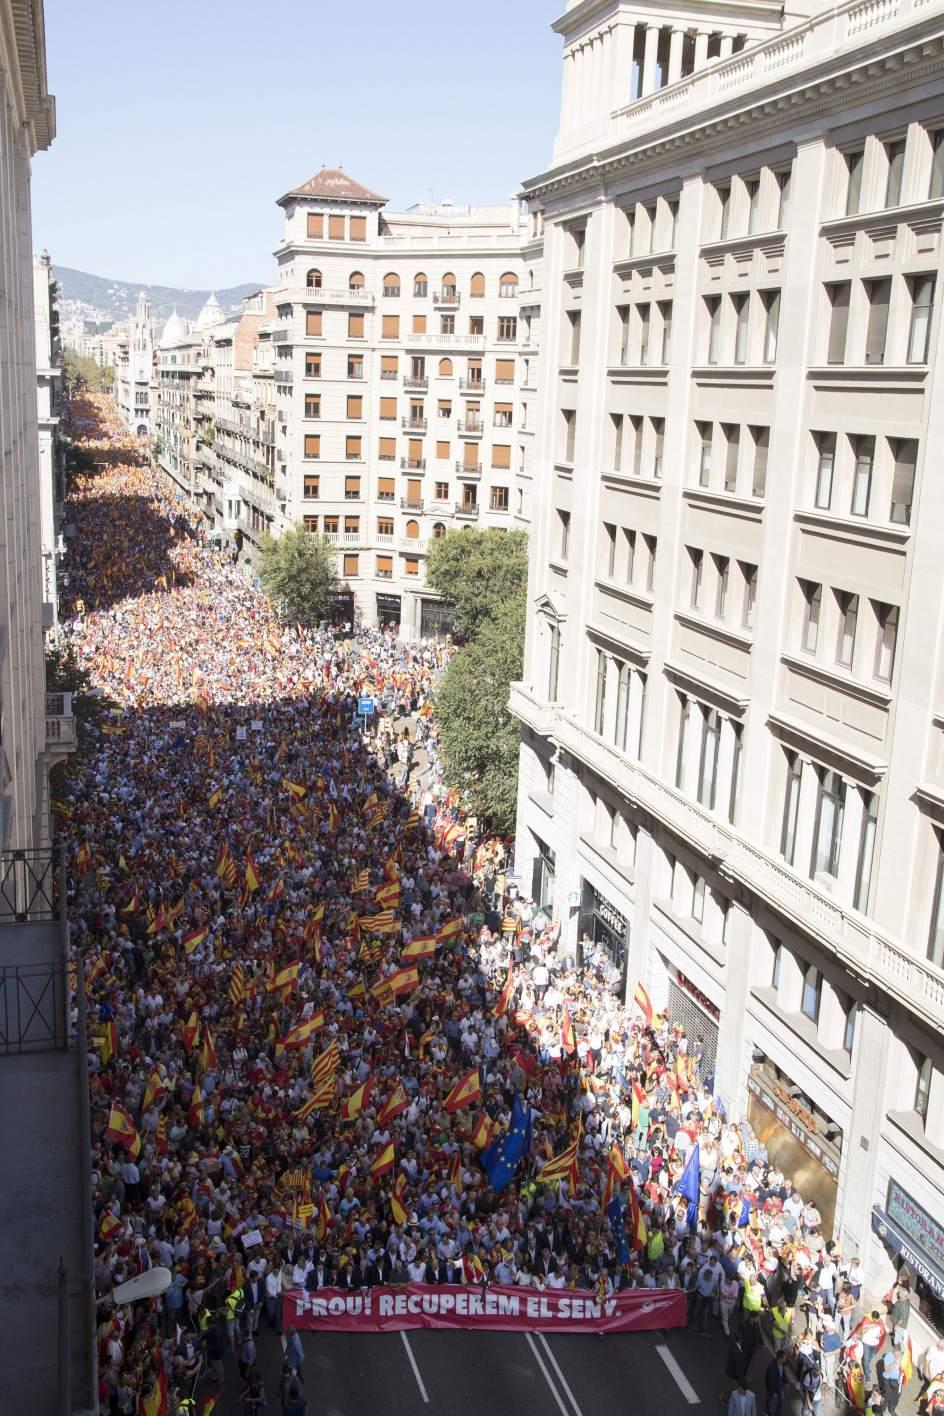 Multitudinaria manifestación en Barcelona. Vista general de la manifestación convocada por Societat Civil Catalana en Barcelona en defensa de la unidad de España.